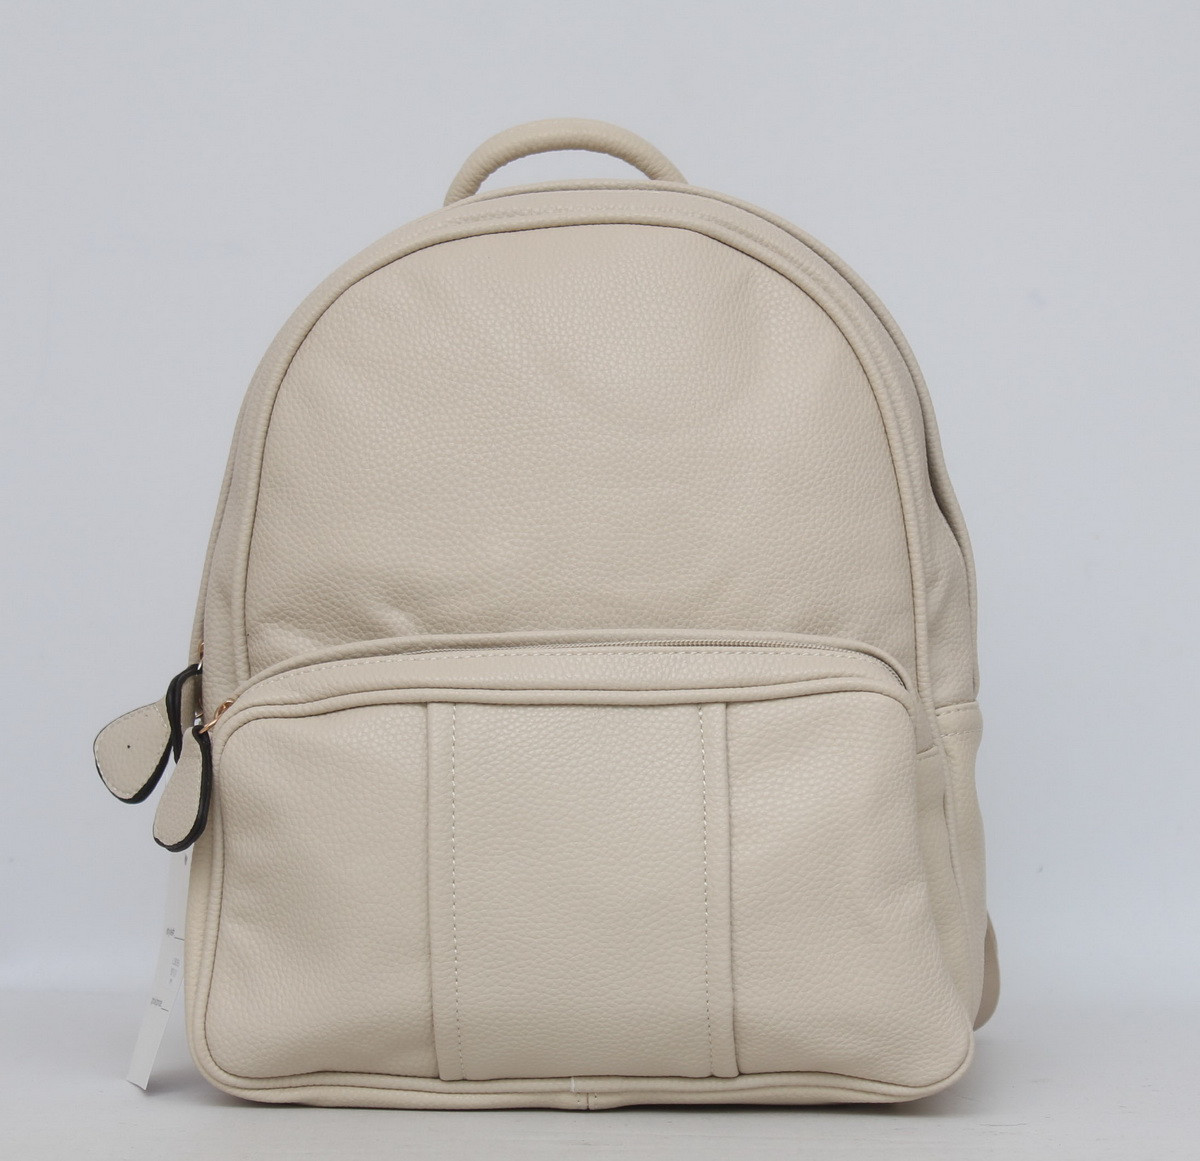 890c621c58129d Стильний жіночий рюкзак / Стильный женский рюкзак: продажа, цена в ...